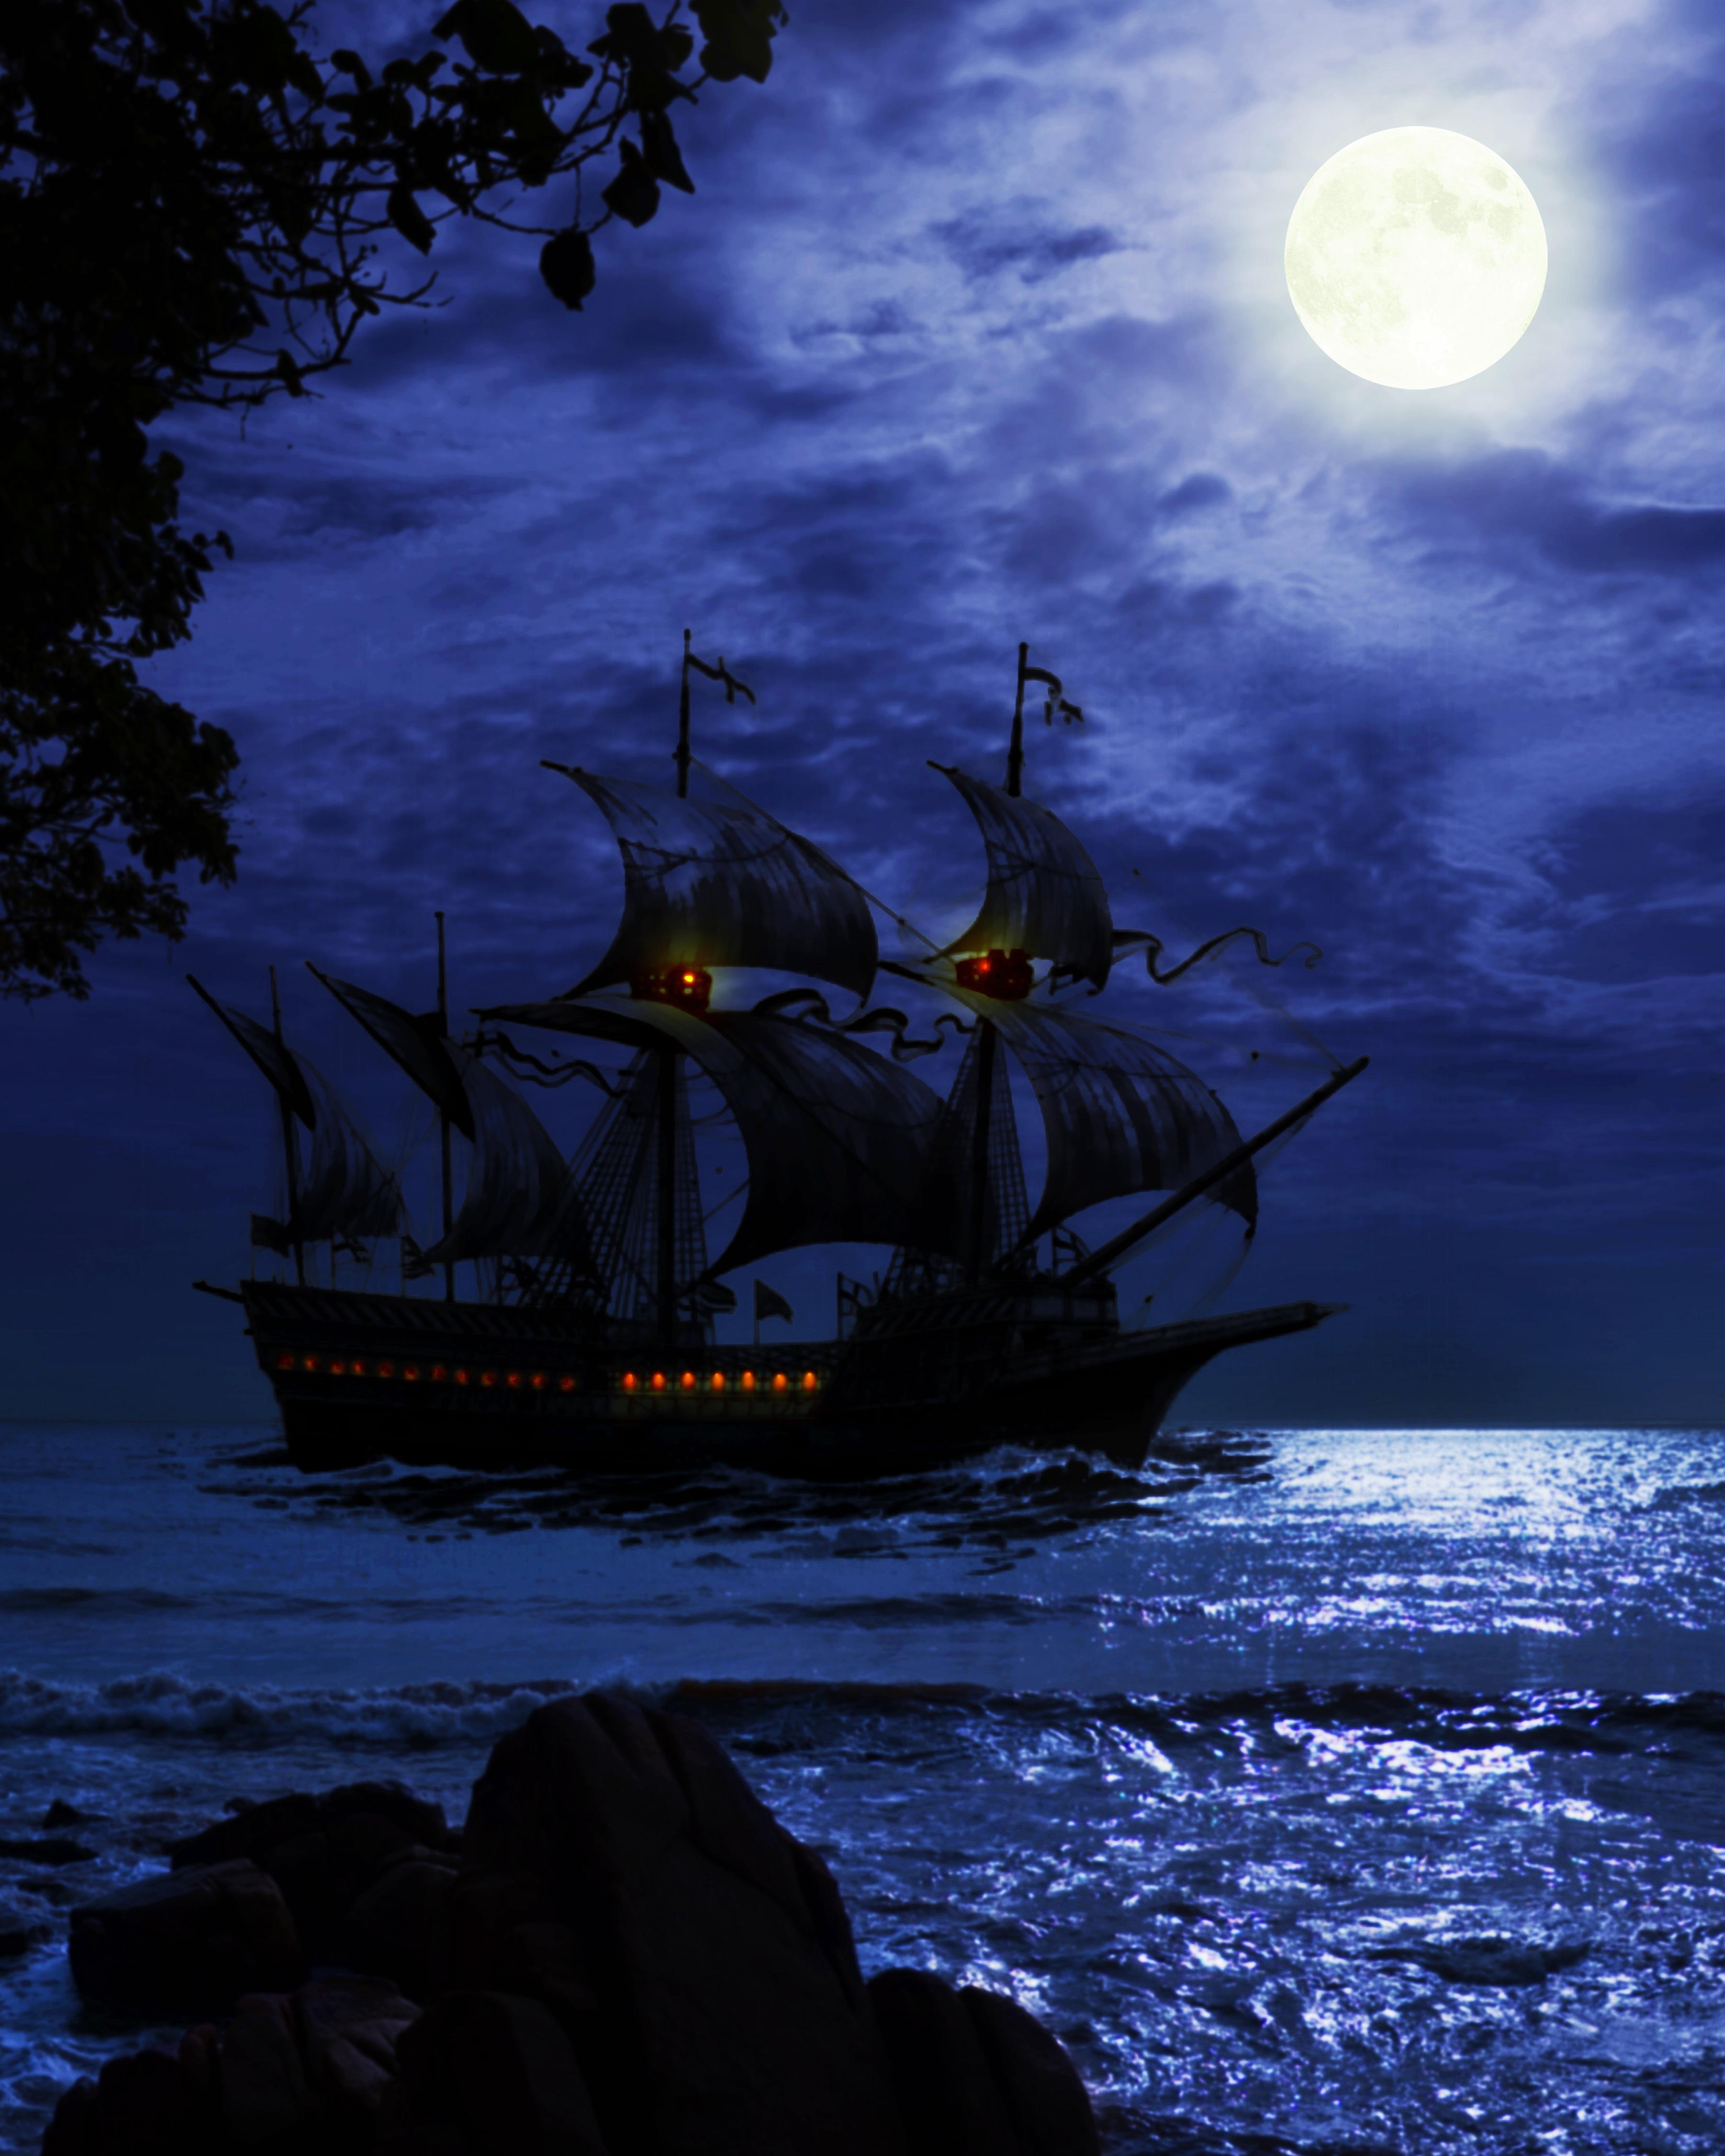 70107 Заставки и Обои Волны на телефон. Скачать Темные, Корабль, Ночь, Море, Арт, Волны картинки бесплатно